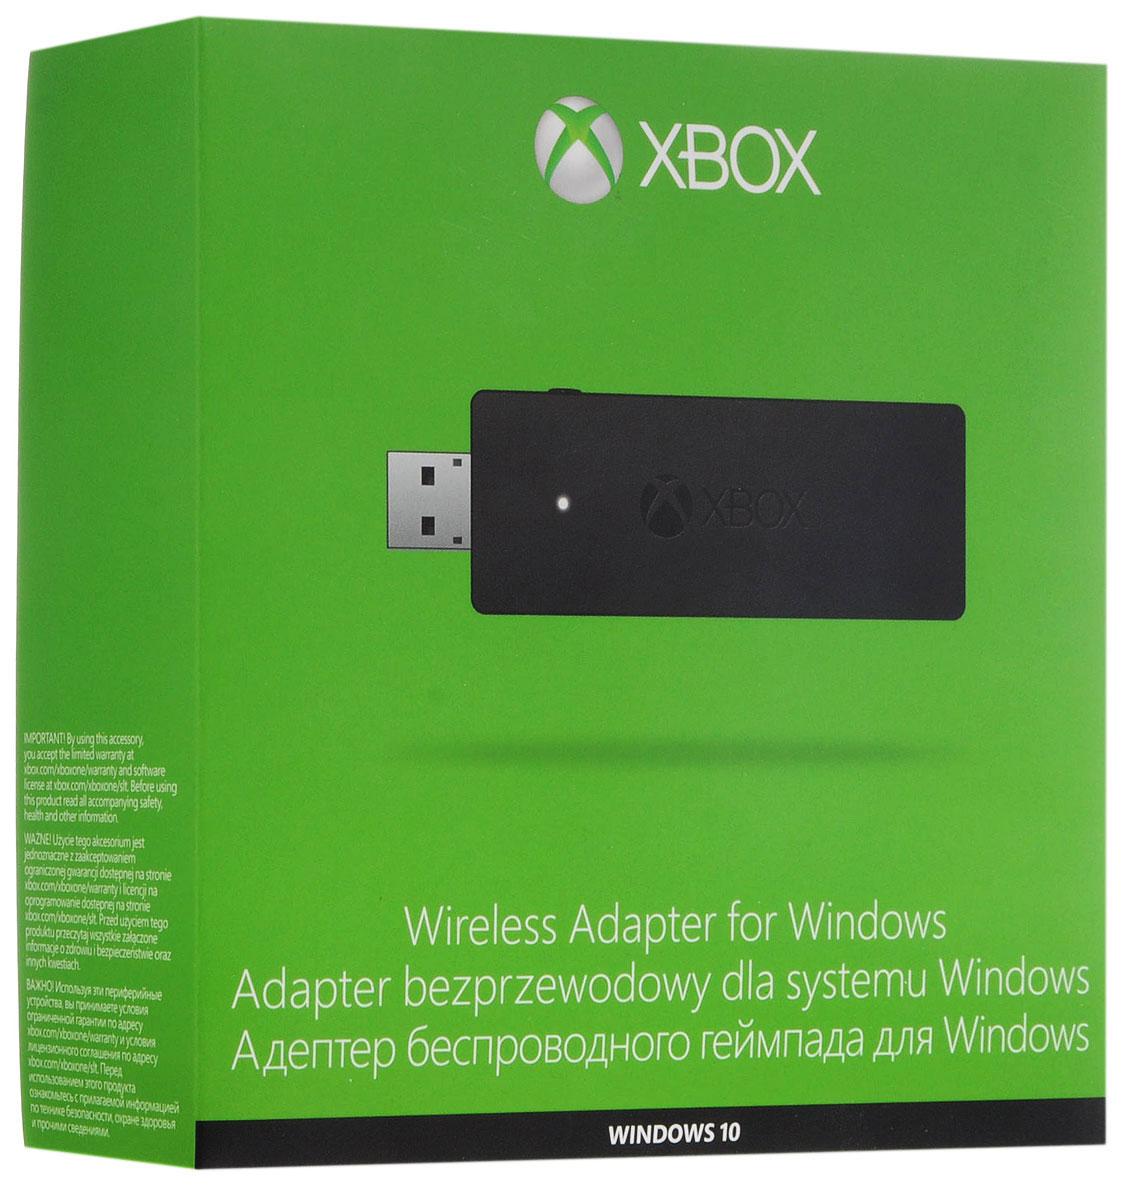 Xbox One ПК адаптер для беспроводного геймпада (HK9-00004)HK9-00004C помощью беспроводного адаптера Xbox для Windows можно не только подключить беспроводной геймпад Xbox One к своему устройству под управлением Windows 10, но и подключить до восьми беспроводных геймпадов и до четырех гарнитур для чата или две стереогарнитуры — и все это без каких-либо кабелей между геймпадом и вашим устройством с Windows 10, 8.1 или 7.Беспроводной адаптер для Windows работает со всеми аксессуарами Xbox корпорации Microsoft. Вы можете подключить до восьми геймпадов и гарнитур (до четырех гарнитур для чата Xbox One или двух стереогарнитур Xbox One). Вы также можете использовать другие аксессуары, например клавиатуру Xbox One и зарядное устройство Xbox One.